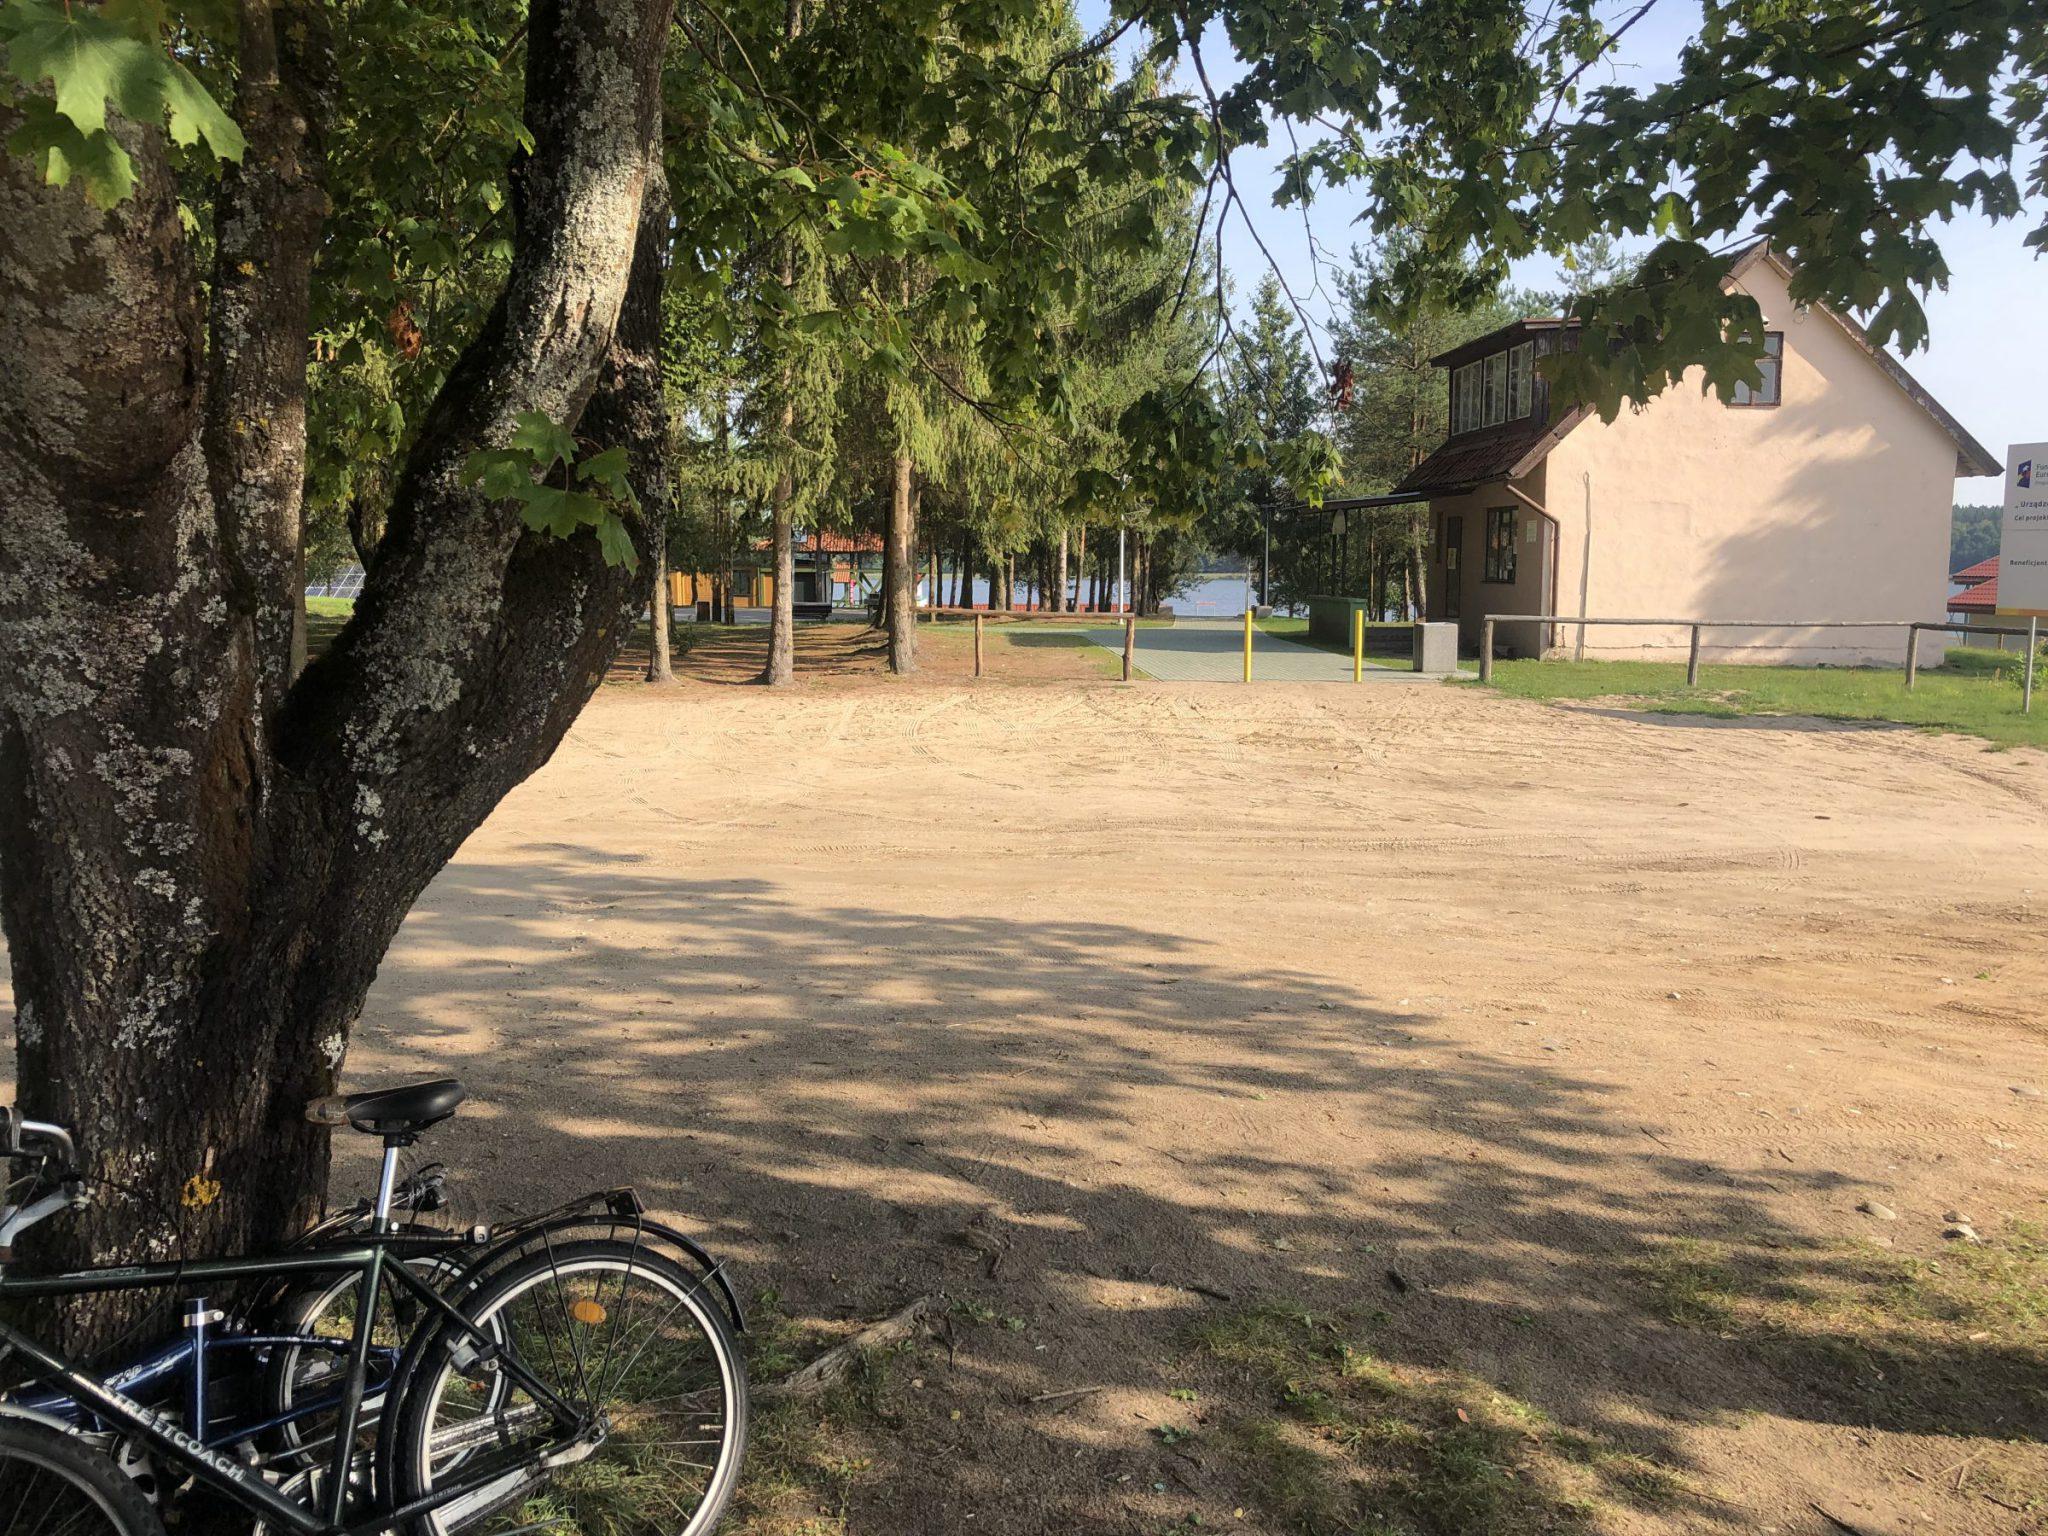 Wohnmobilstellplatz in Goldap in Polen nahe einem Campingplatz mit Blick auf den See